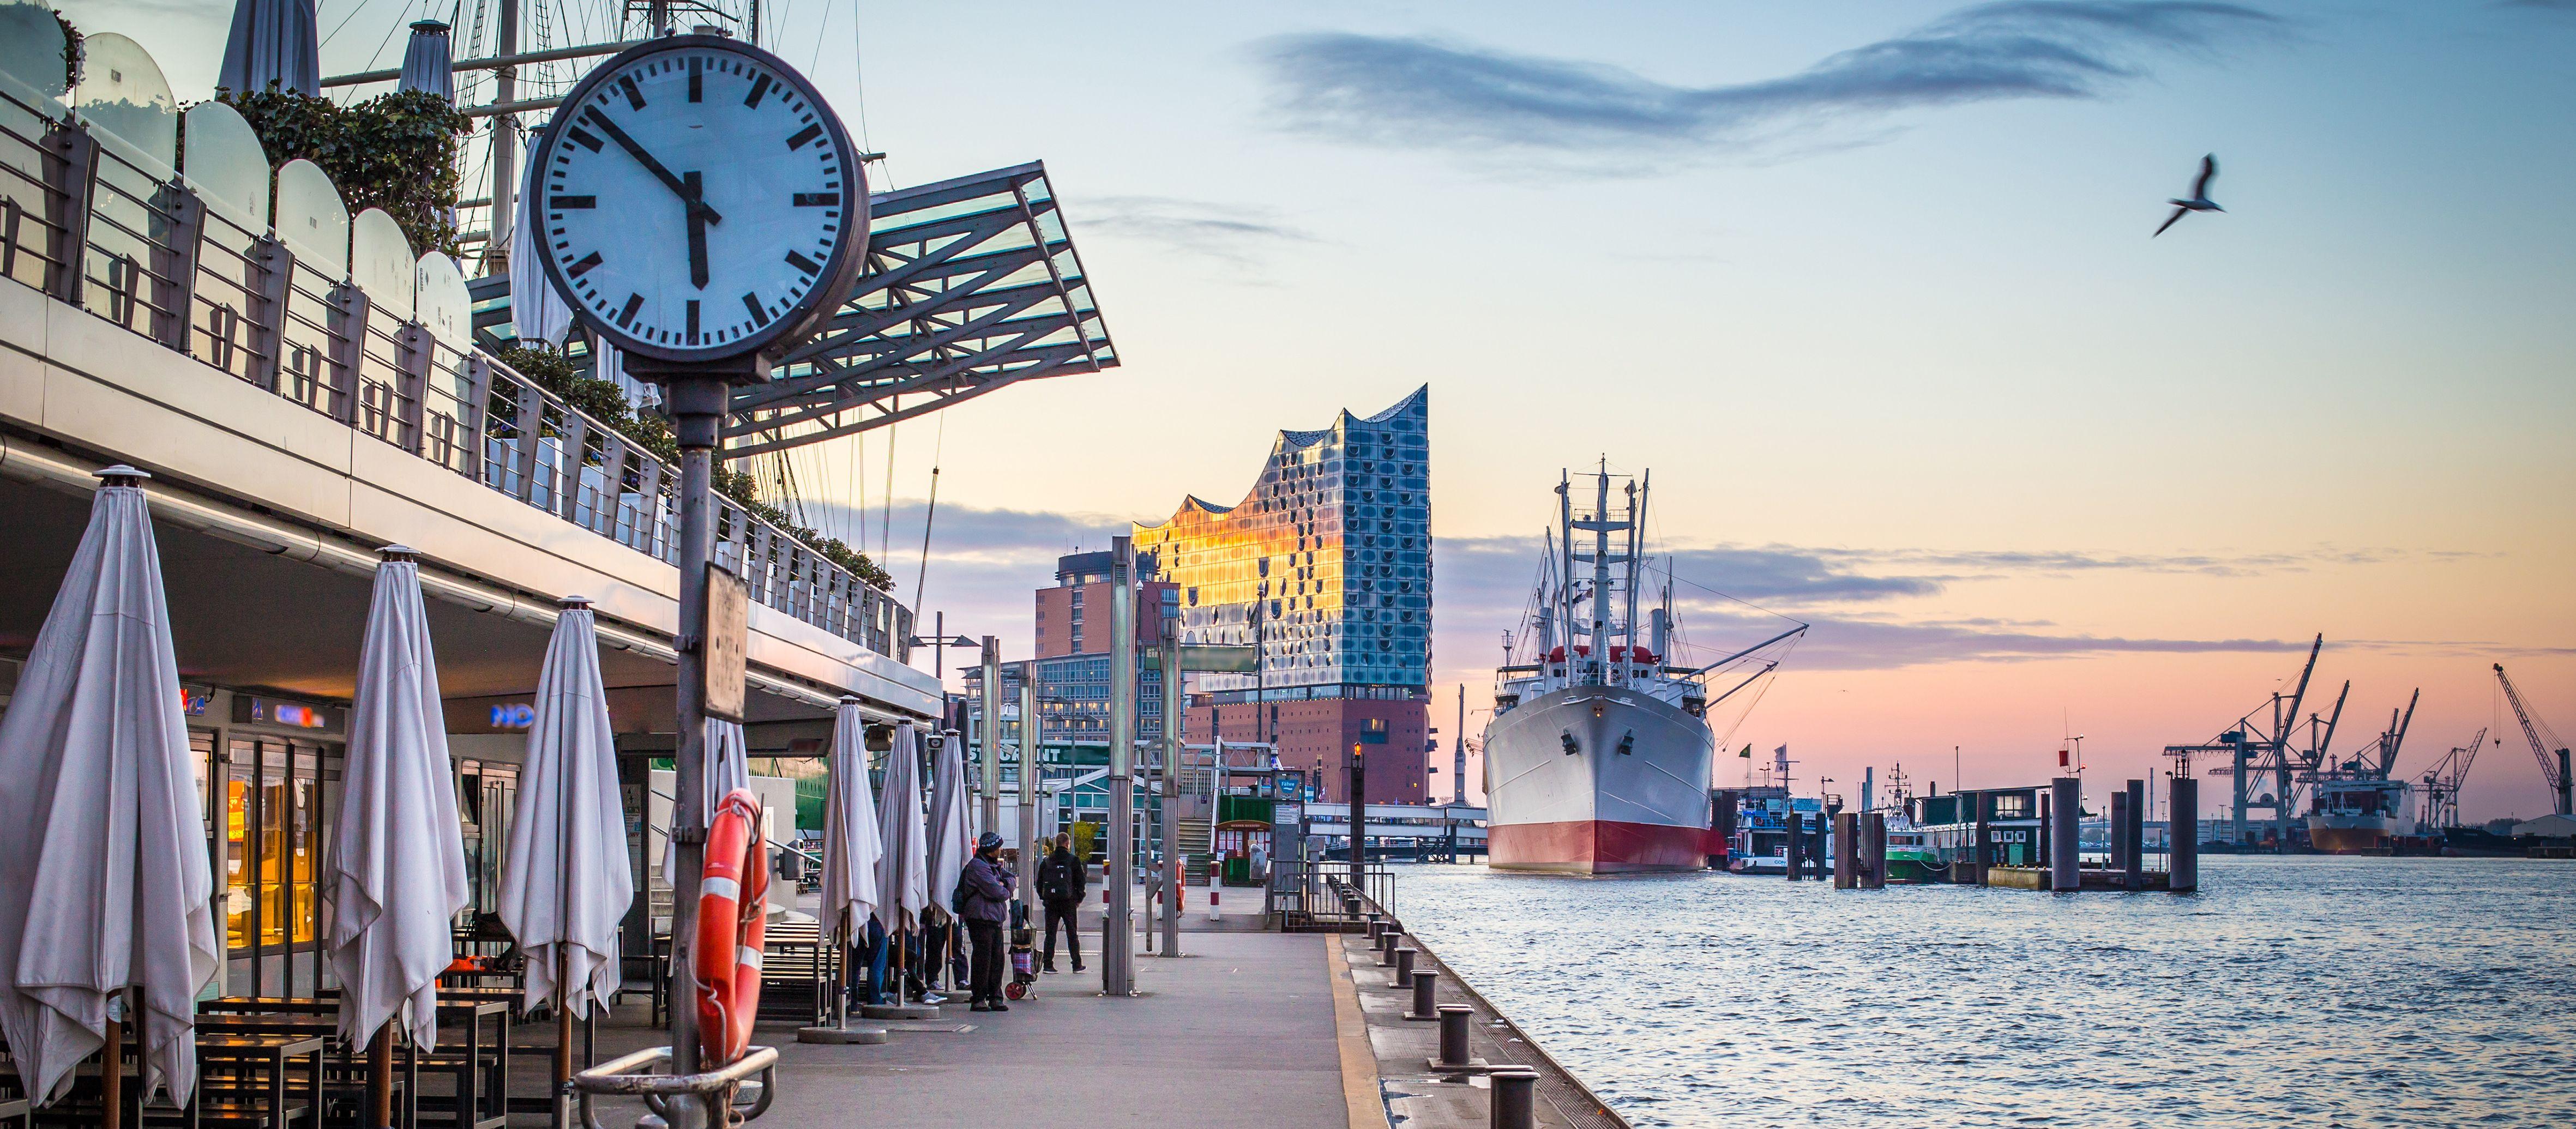 Blick auf den Hamburger Hafen und die Elbphilharmonie in Hamburg